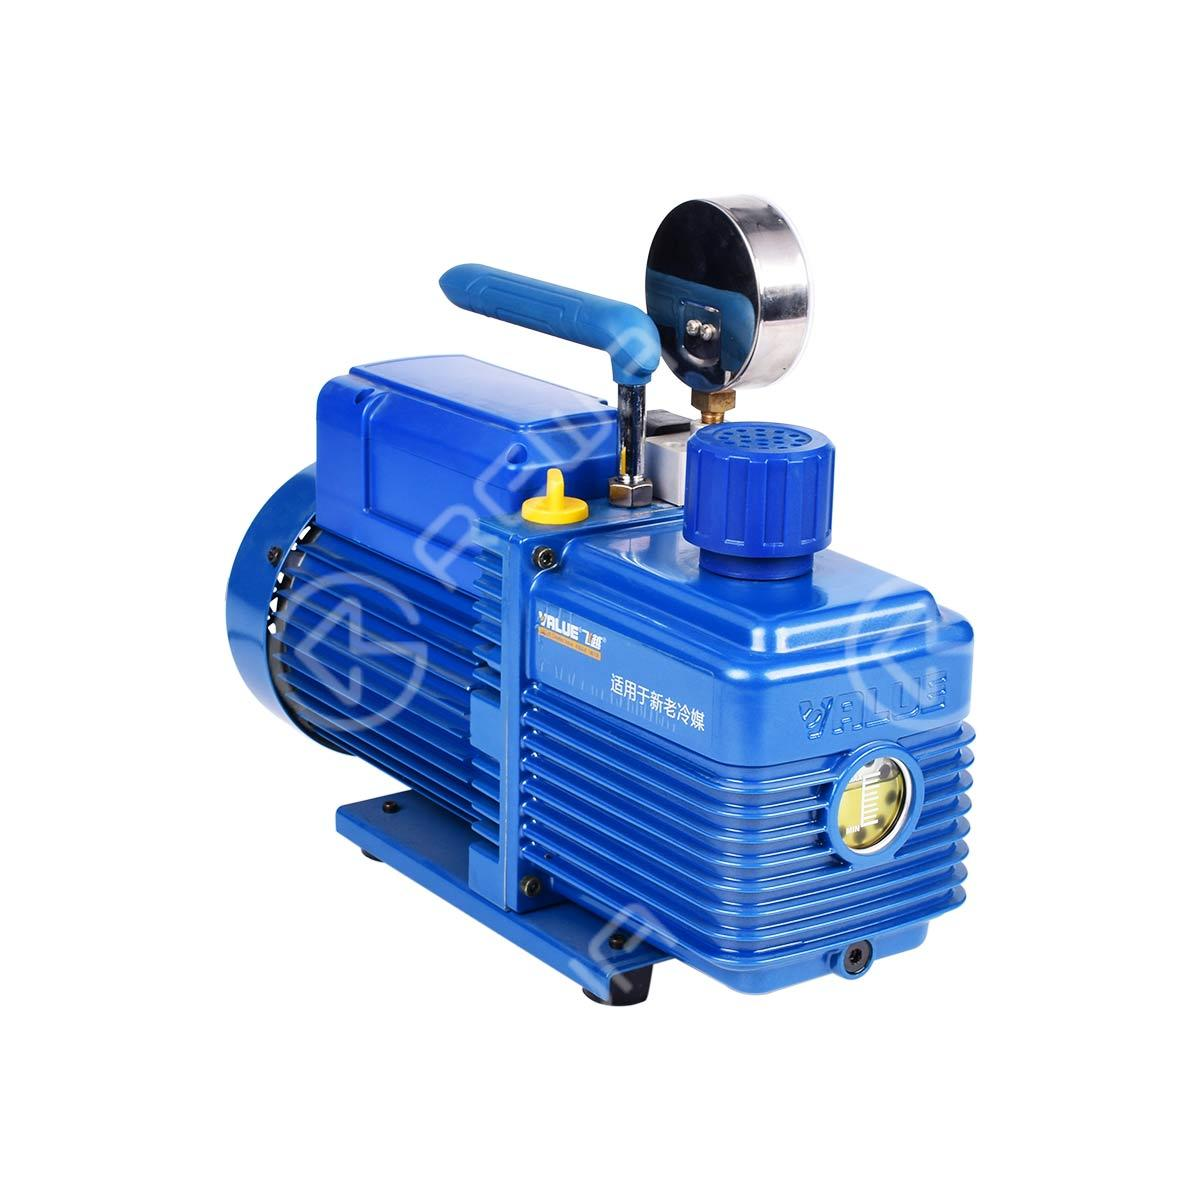 Big Vacuum Pump - 4L